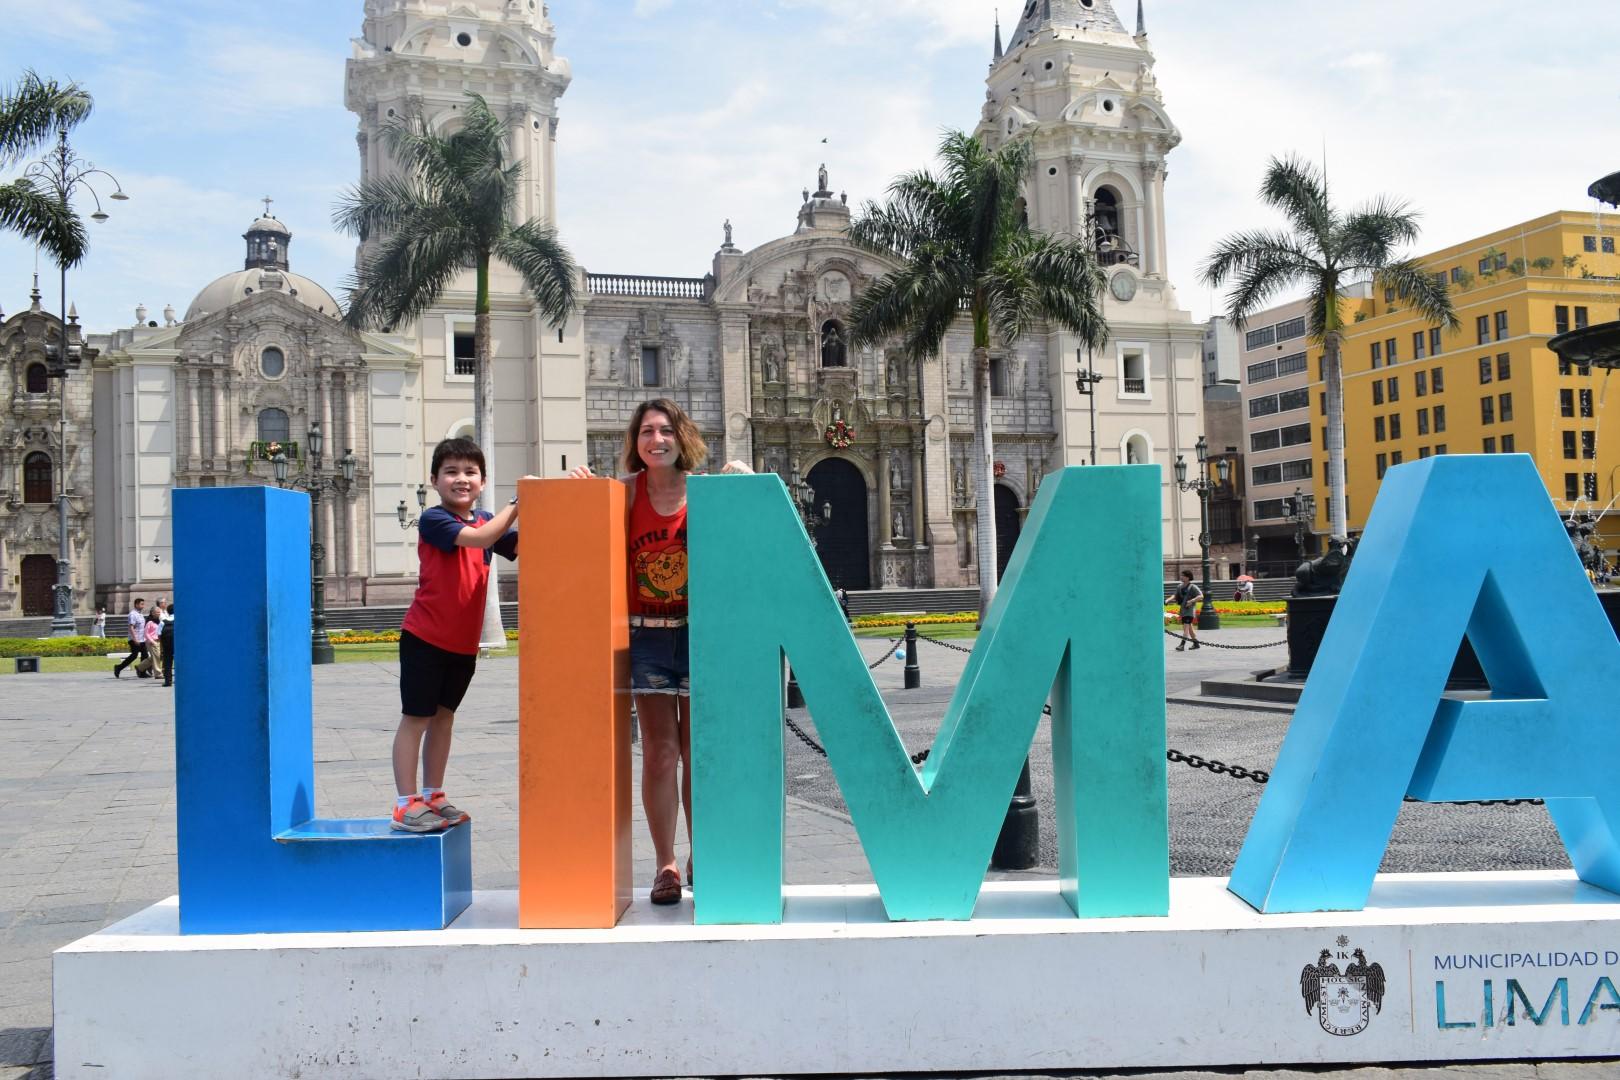 Plaza De Armas De Lima, Centro histórico de Lima